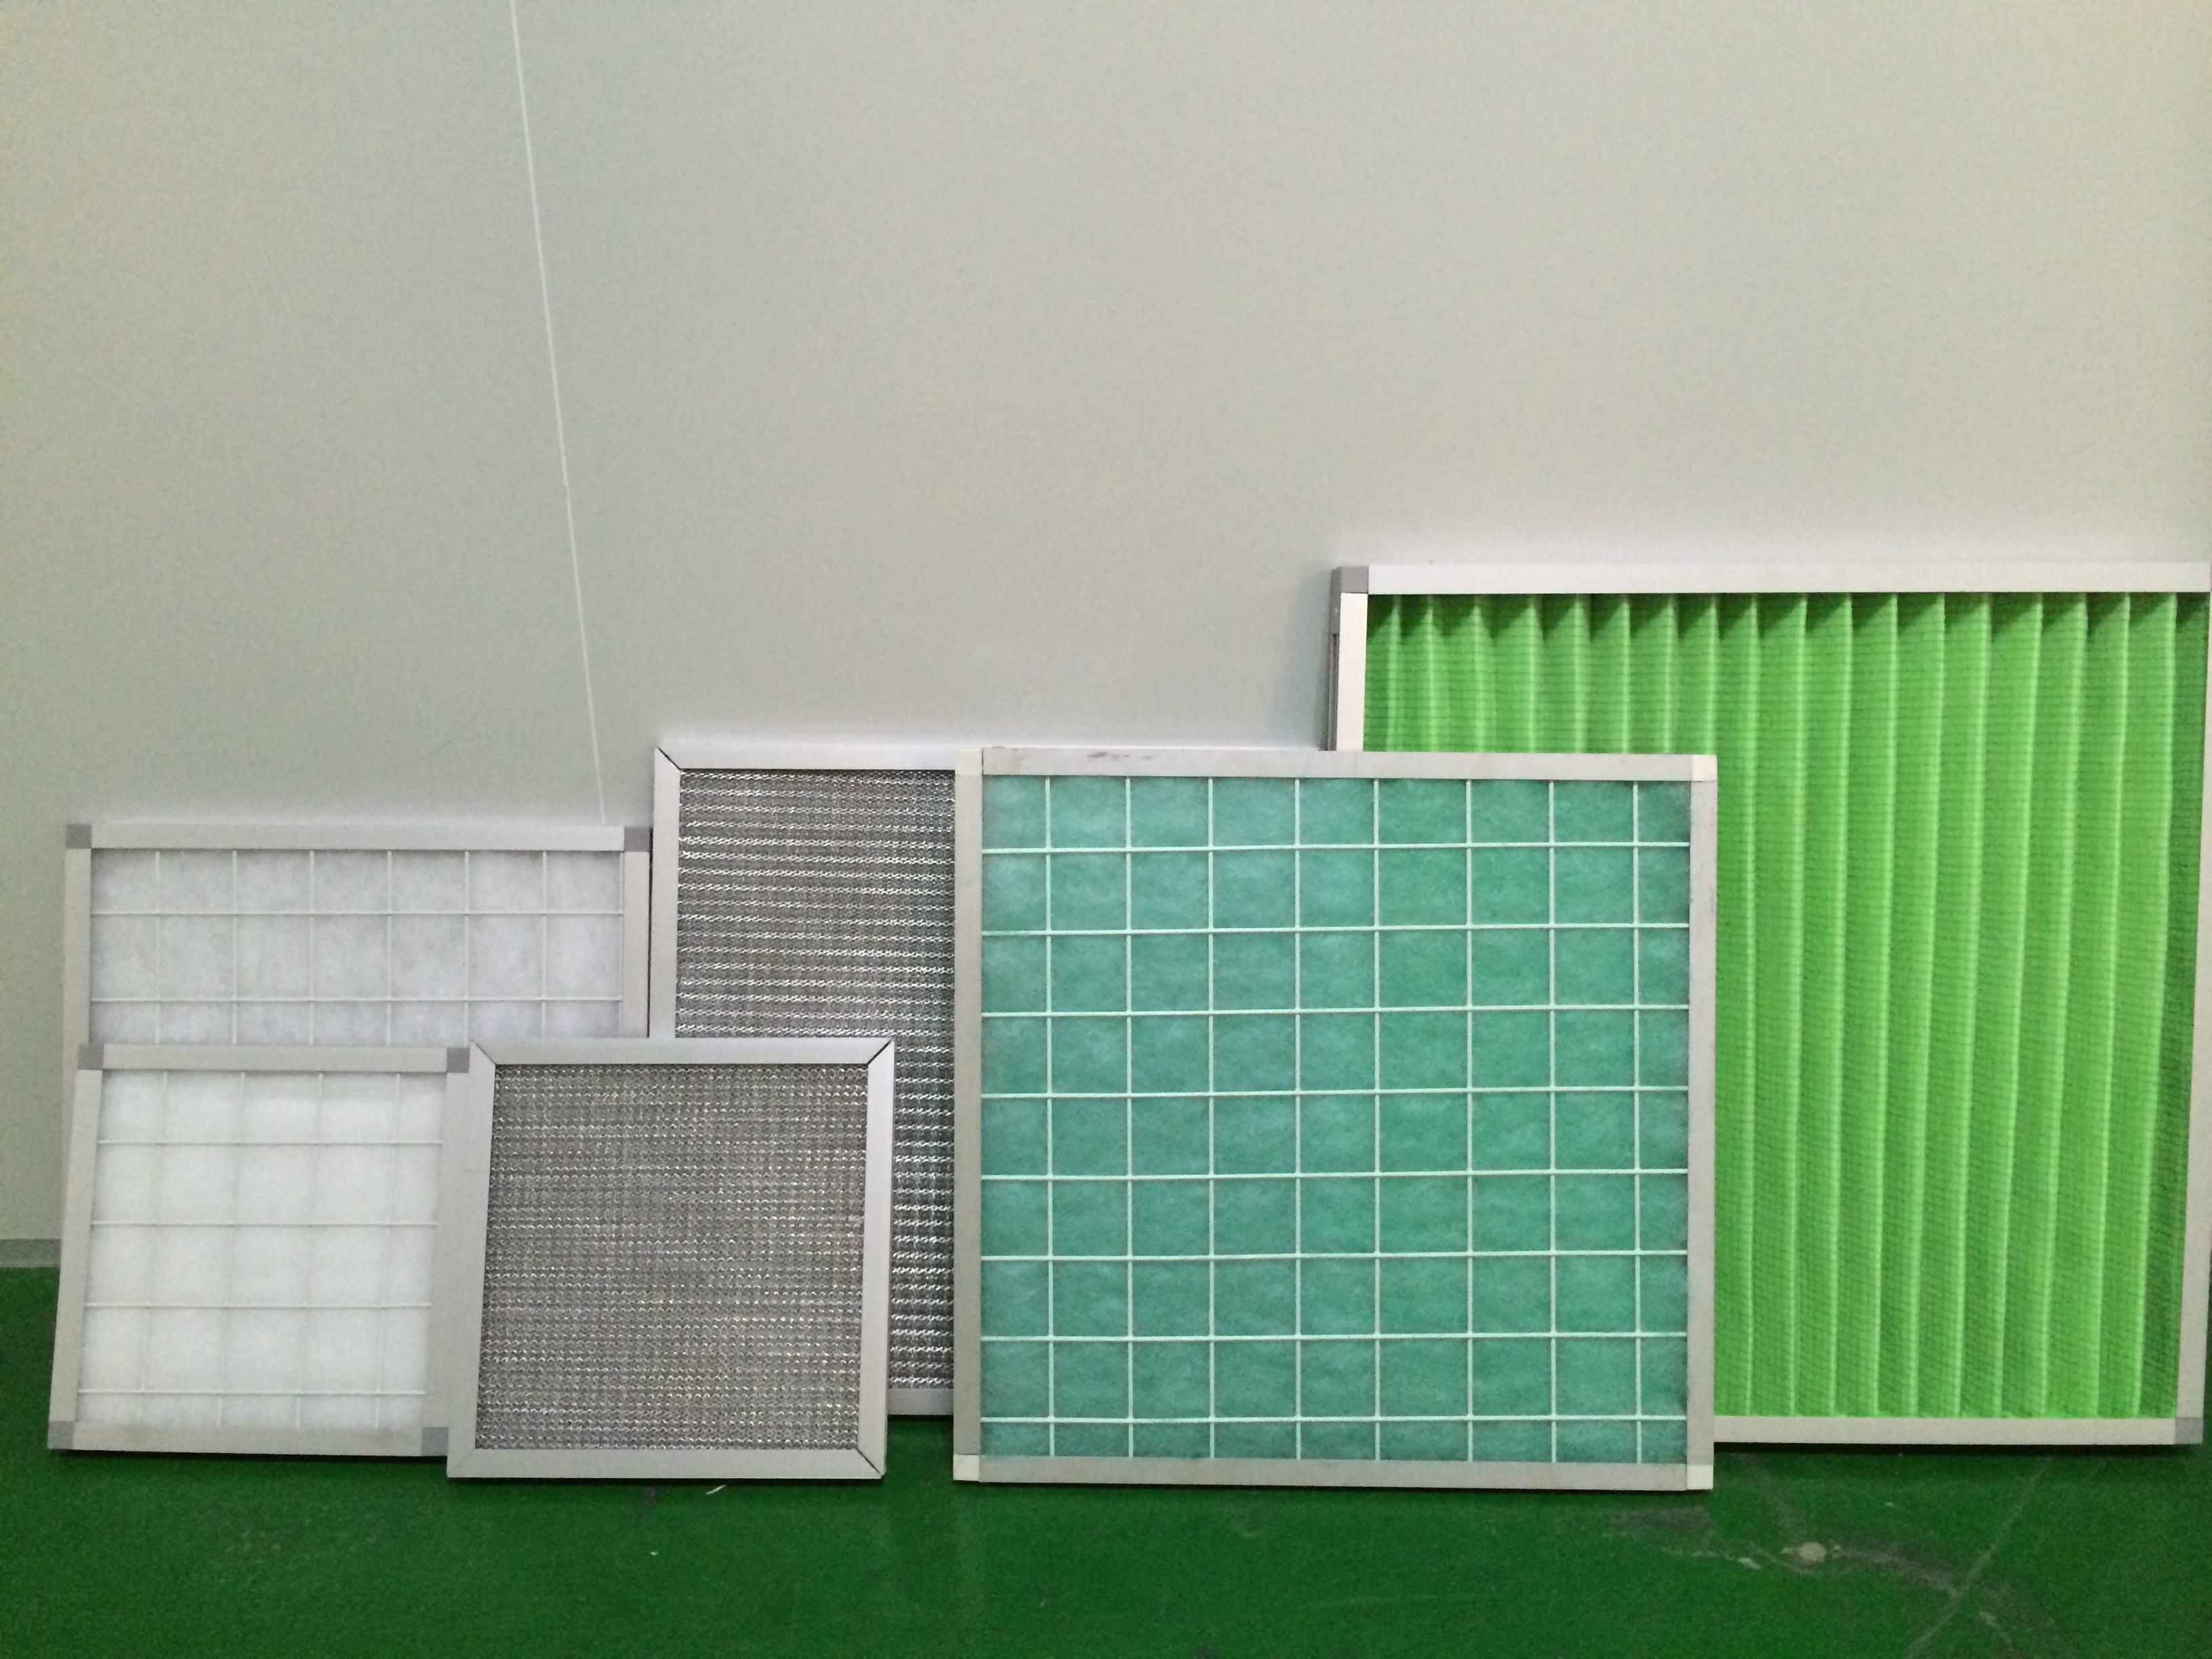 初效过滤器与粗效空气过滤器结构参数